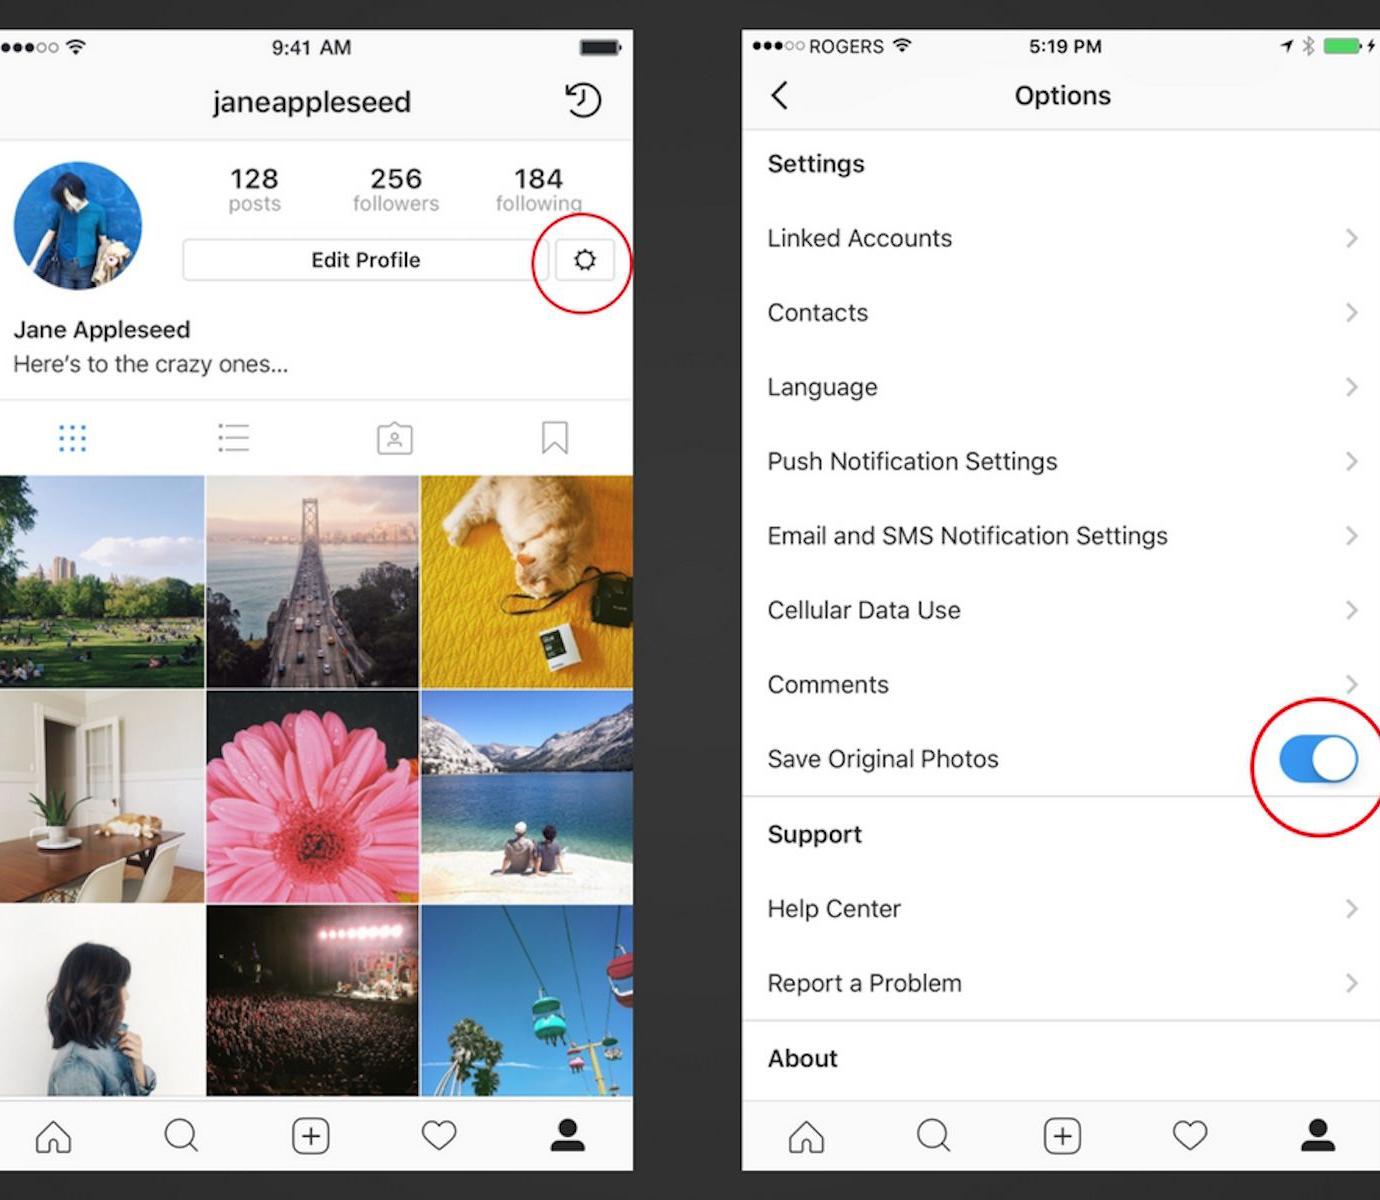 آموزش ذخیره تصویر در اینستاگرام که از شما پنهان کرده اند!